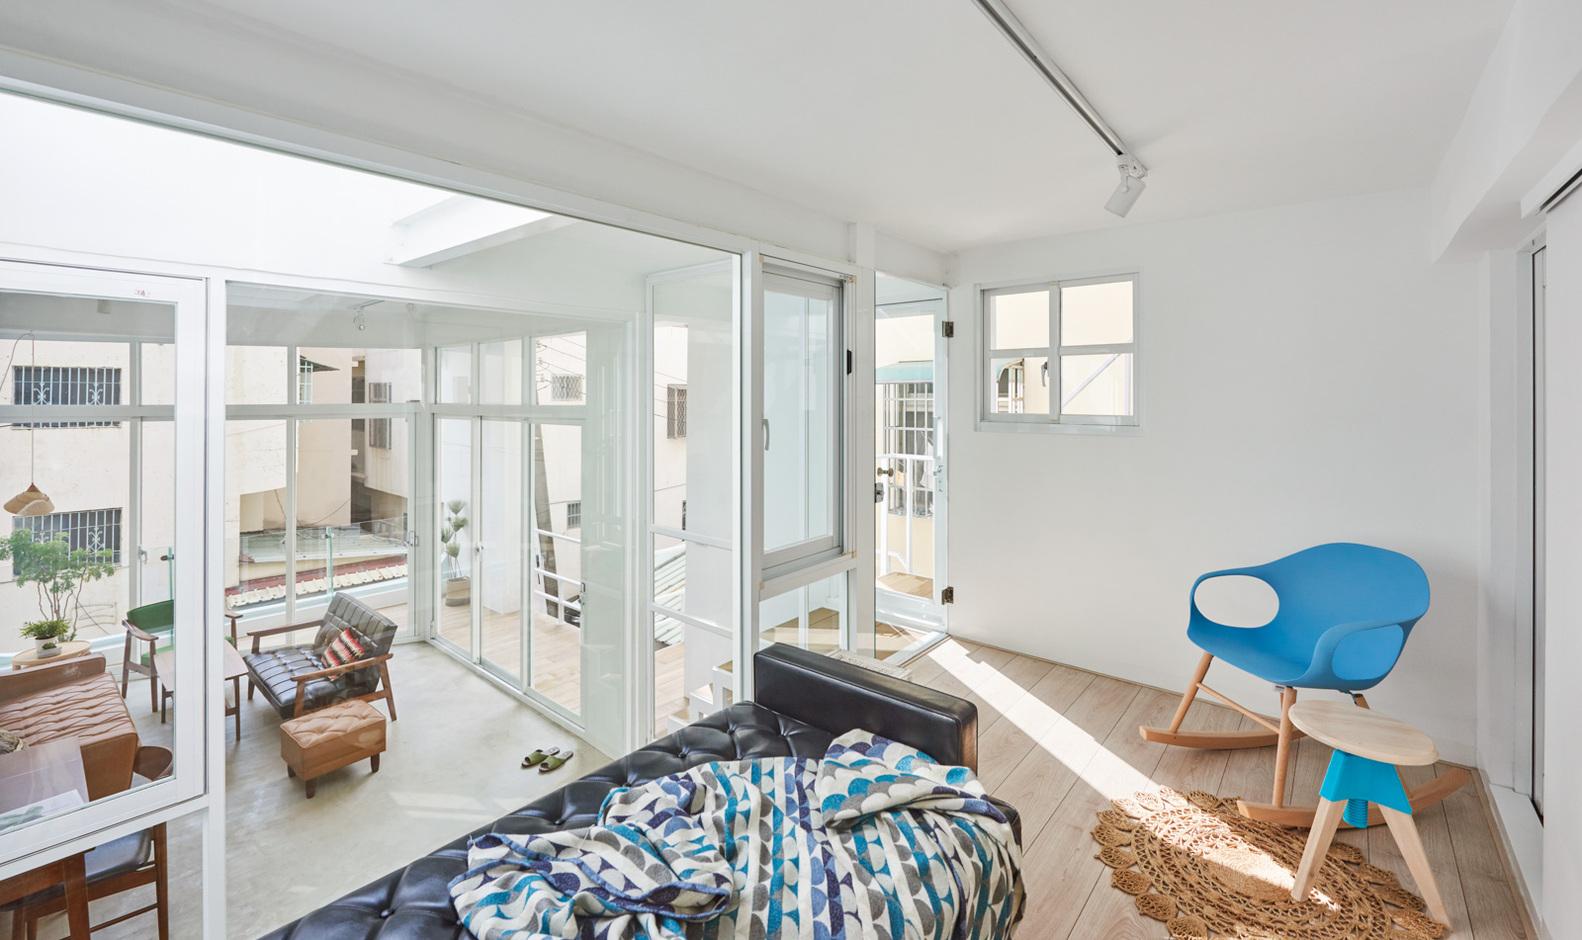 Casa de dois andares integrada de base branca e décor neutro